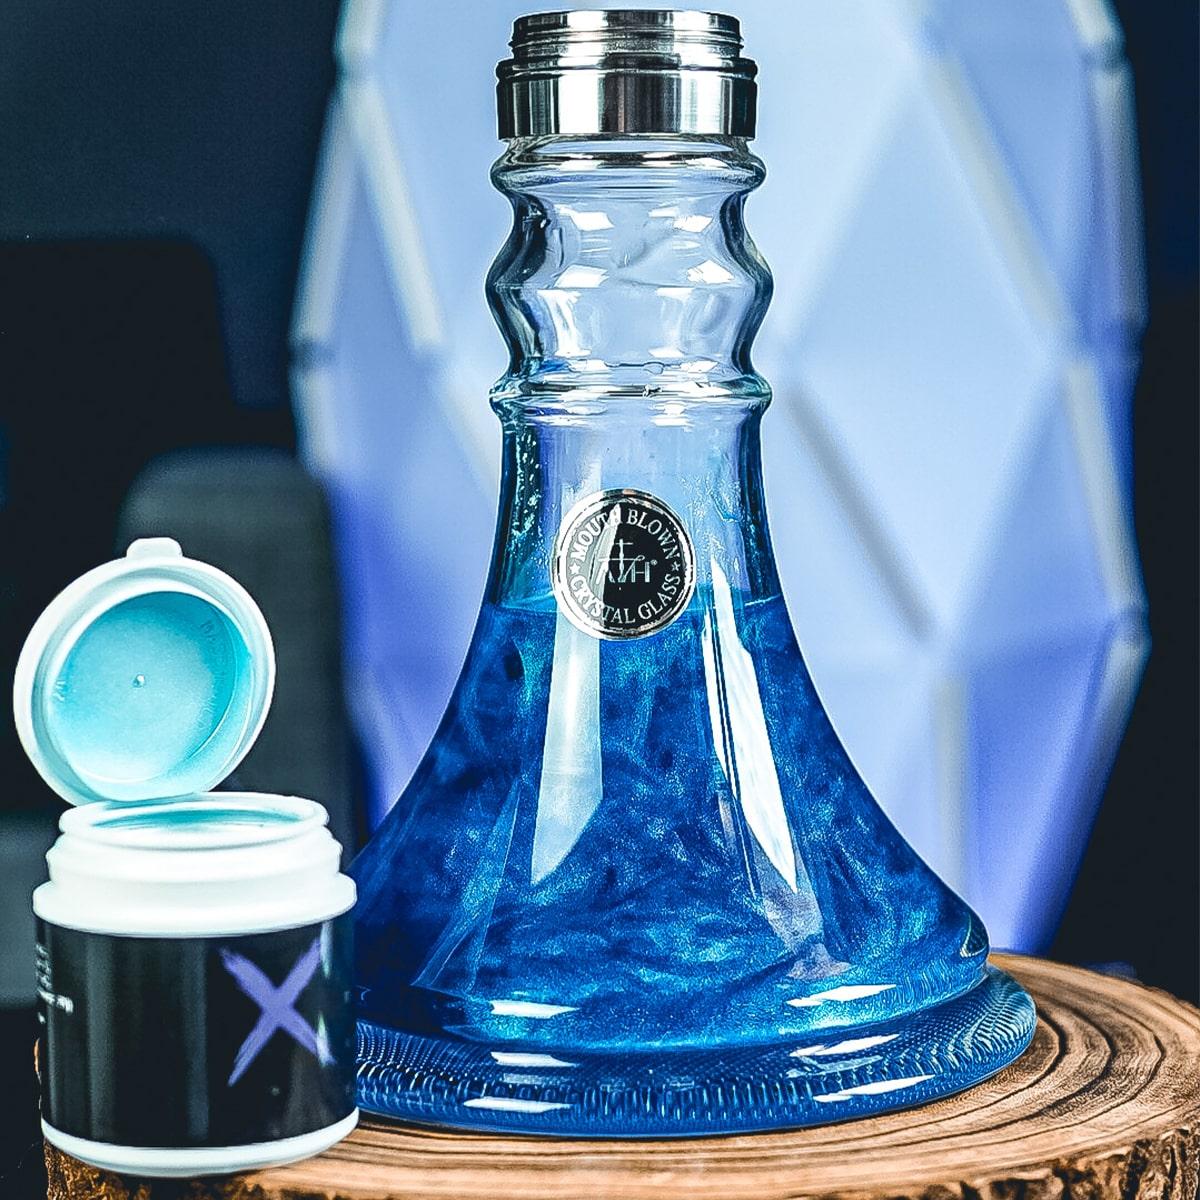 XSchischa Sparkle blue